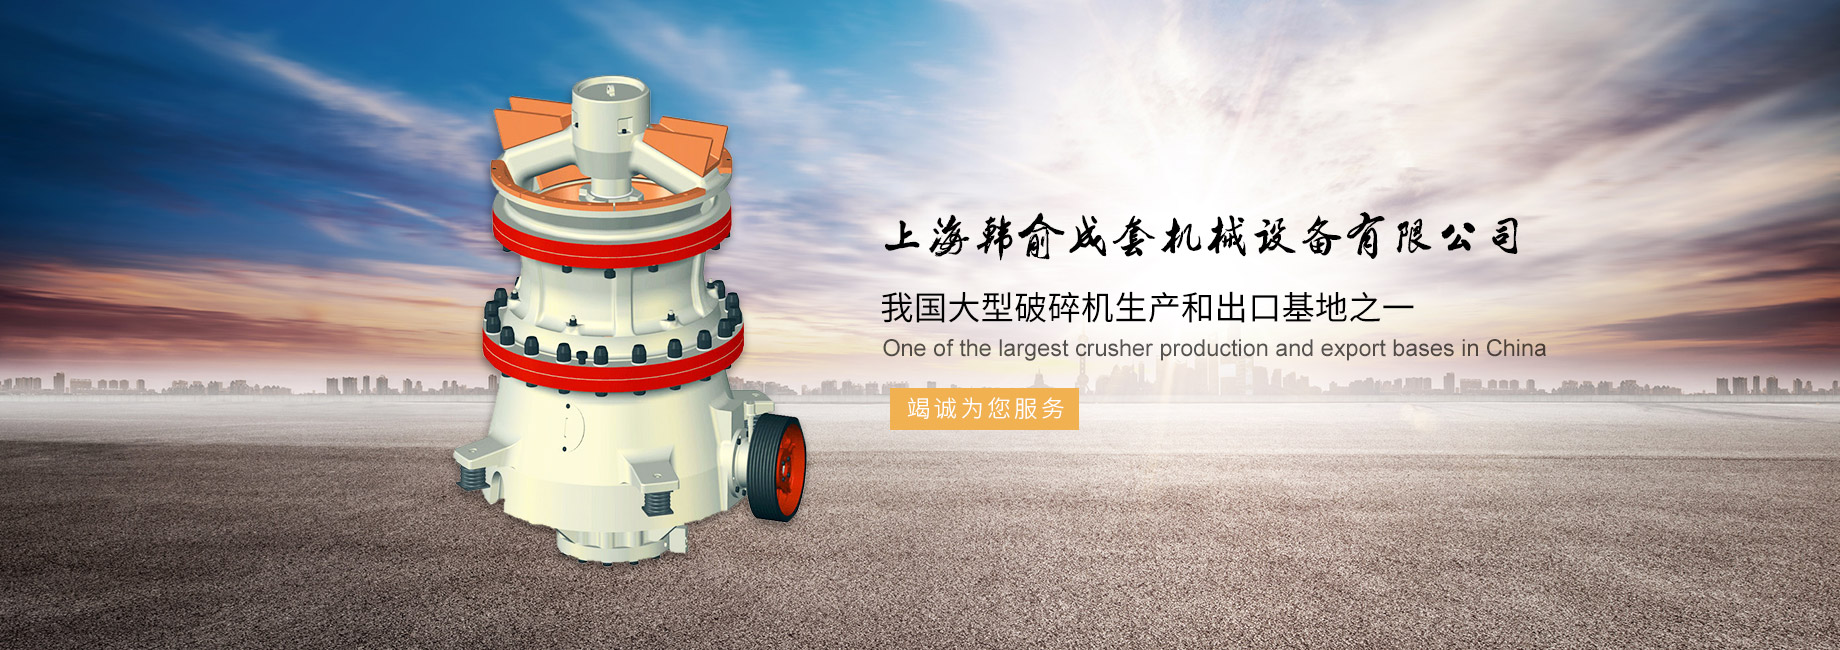 上海韓俞重工單缸液壓圓錐破